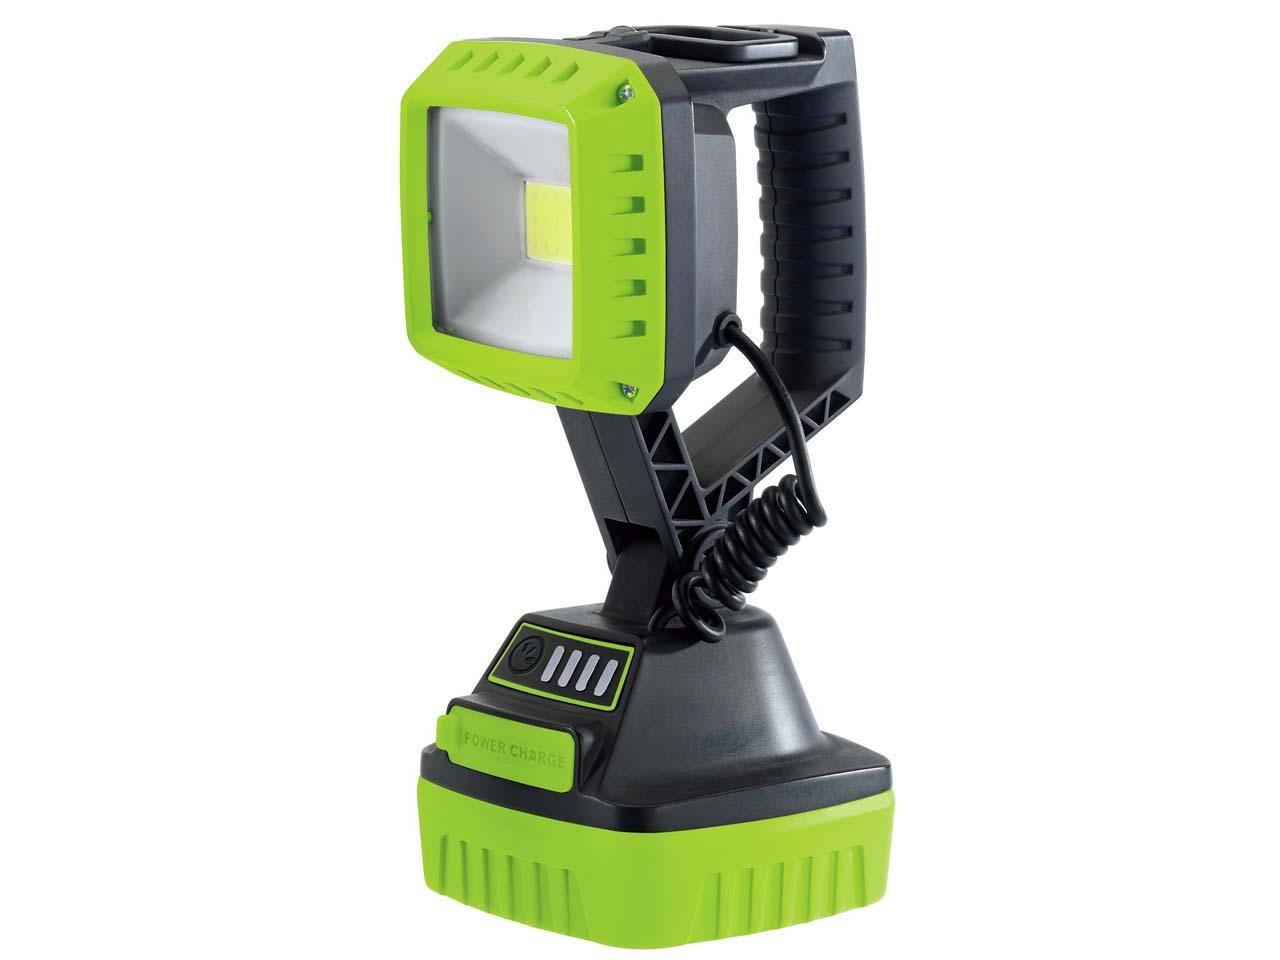 Faithfull LED Plasterers Tripod Light 5ft 4050 Lum 110 Volt or 240 Volt